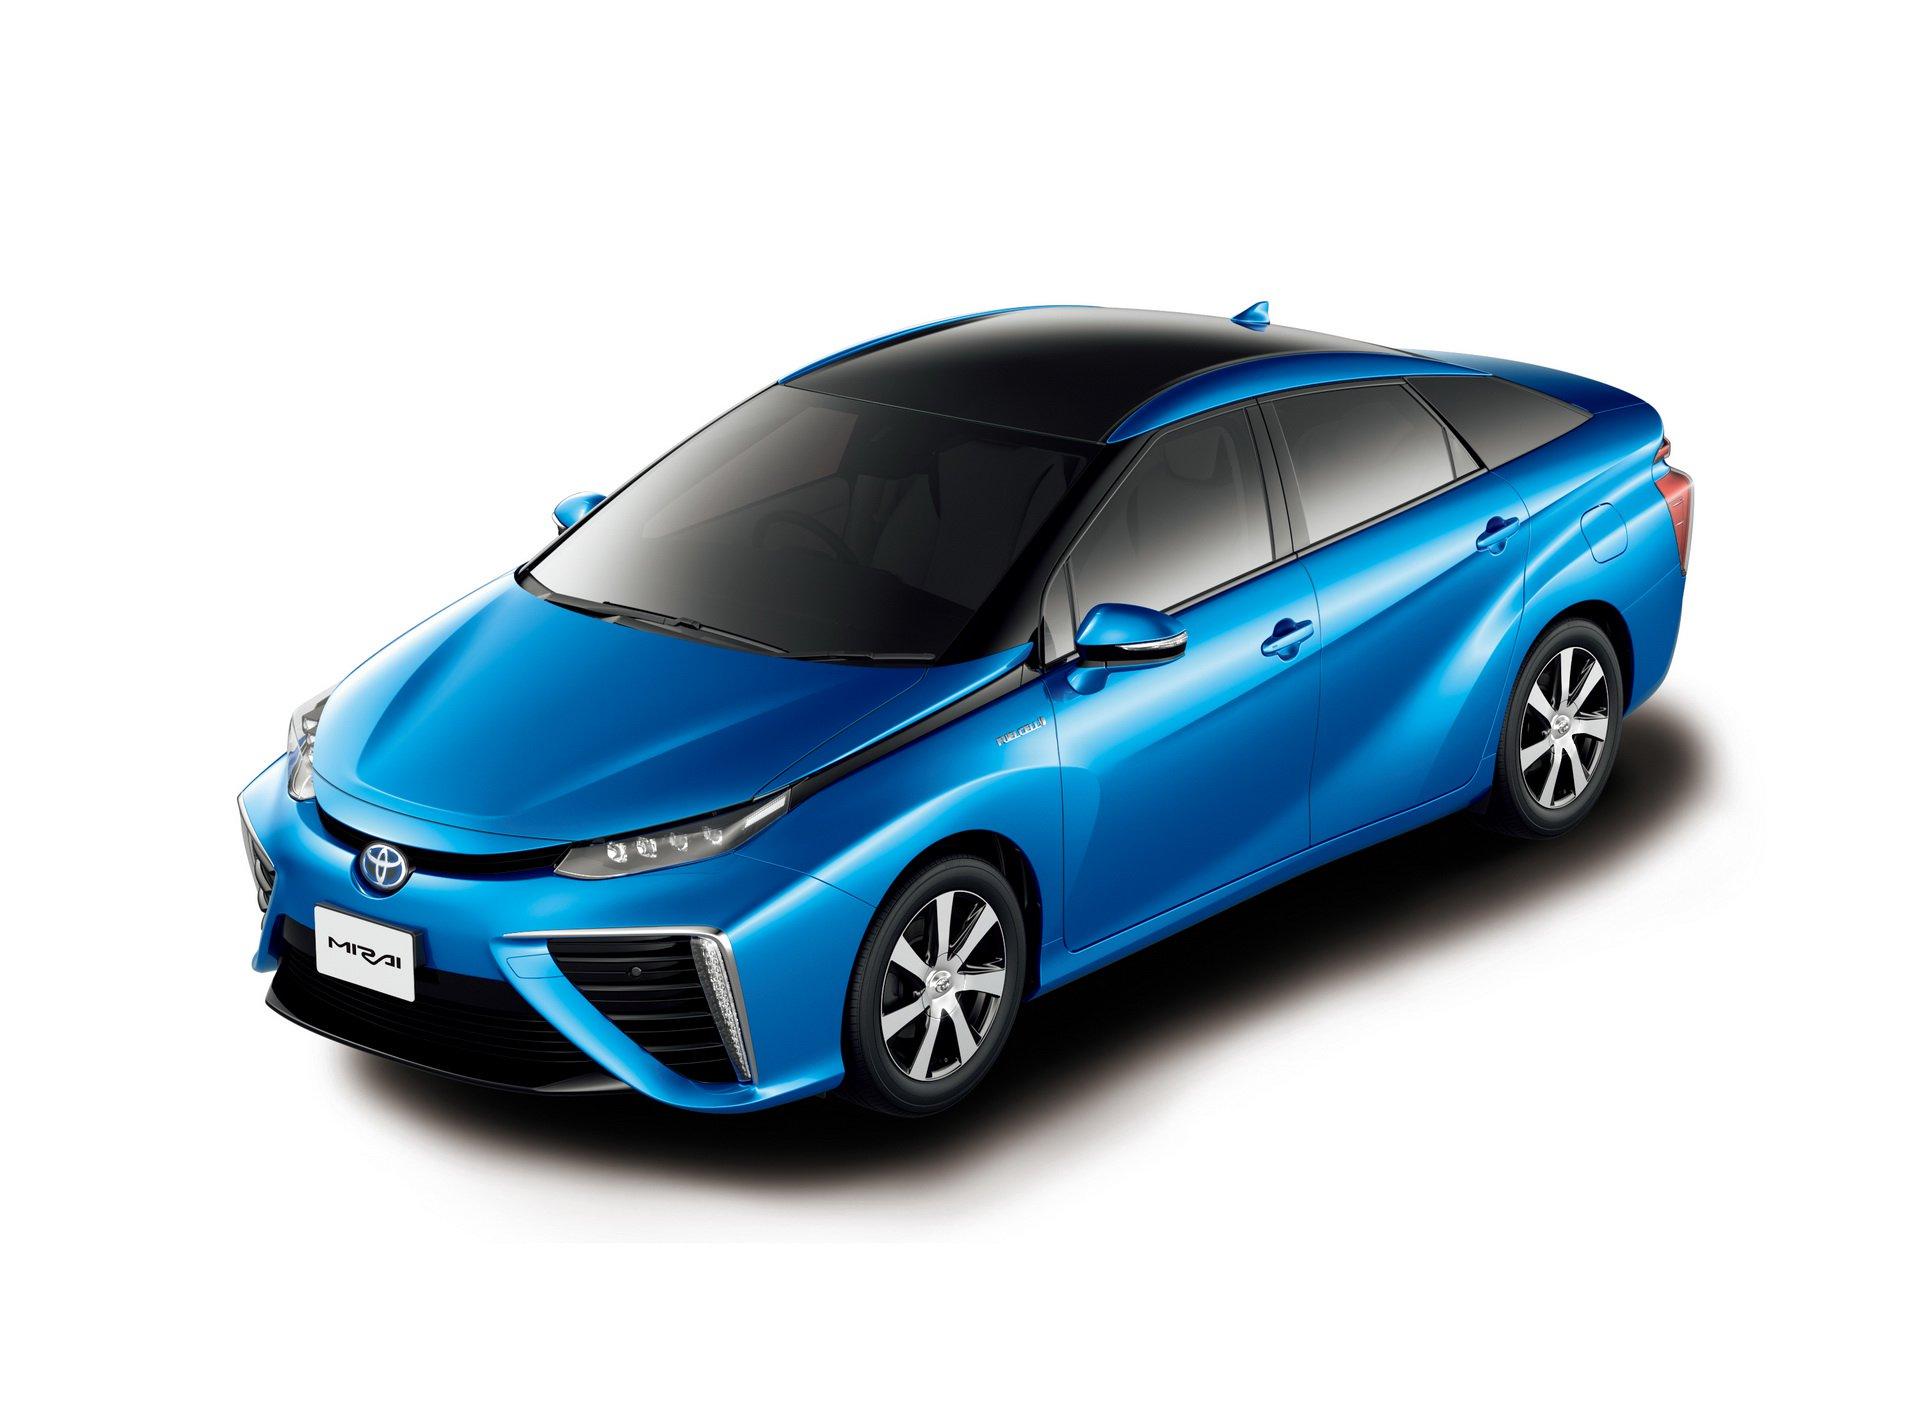 Toyota Tokyo 2020 (8)